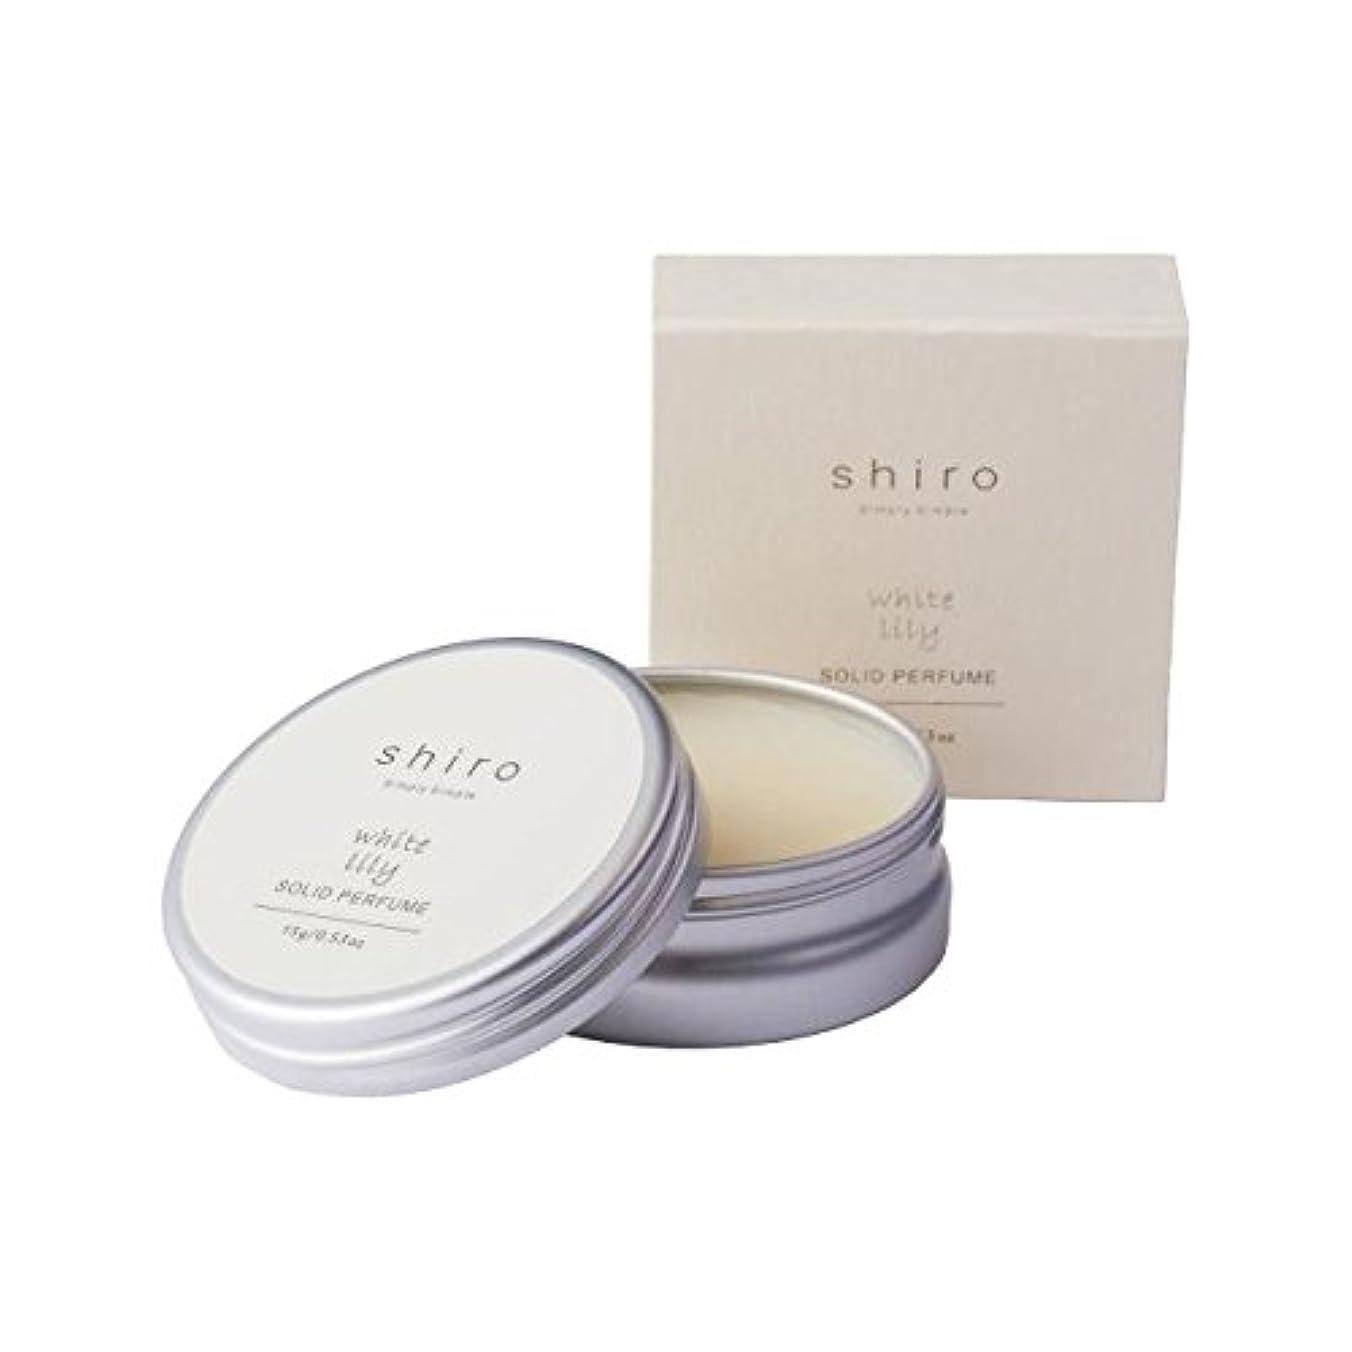 十二邪魔する欠伸shiro ホワイトリリー シャンプーのような香り すっきりと清潔感 練り香水 シロ 固形タイプ フレグランス 保湿成分 指先の保湿ケア